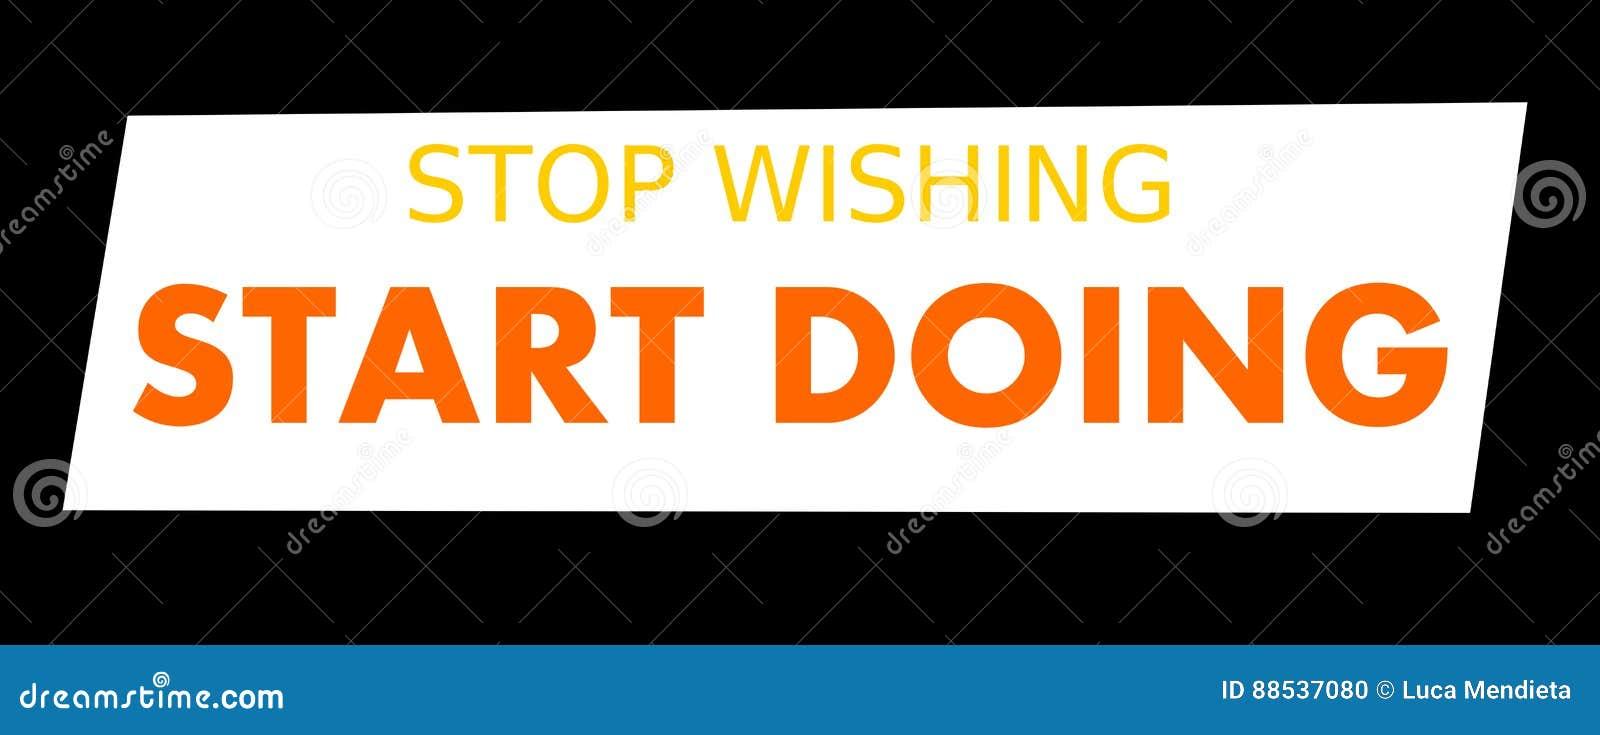 Hören Sie auf, das Anfangshandeln zu wünschen